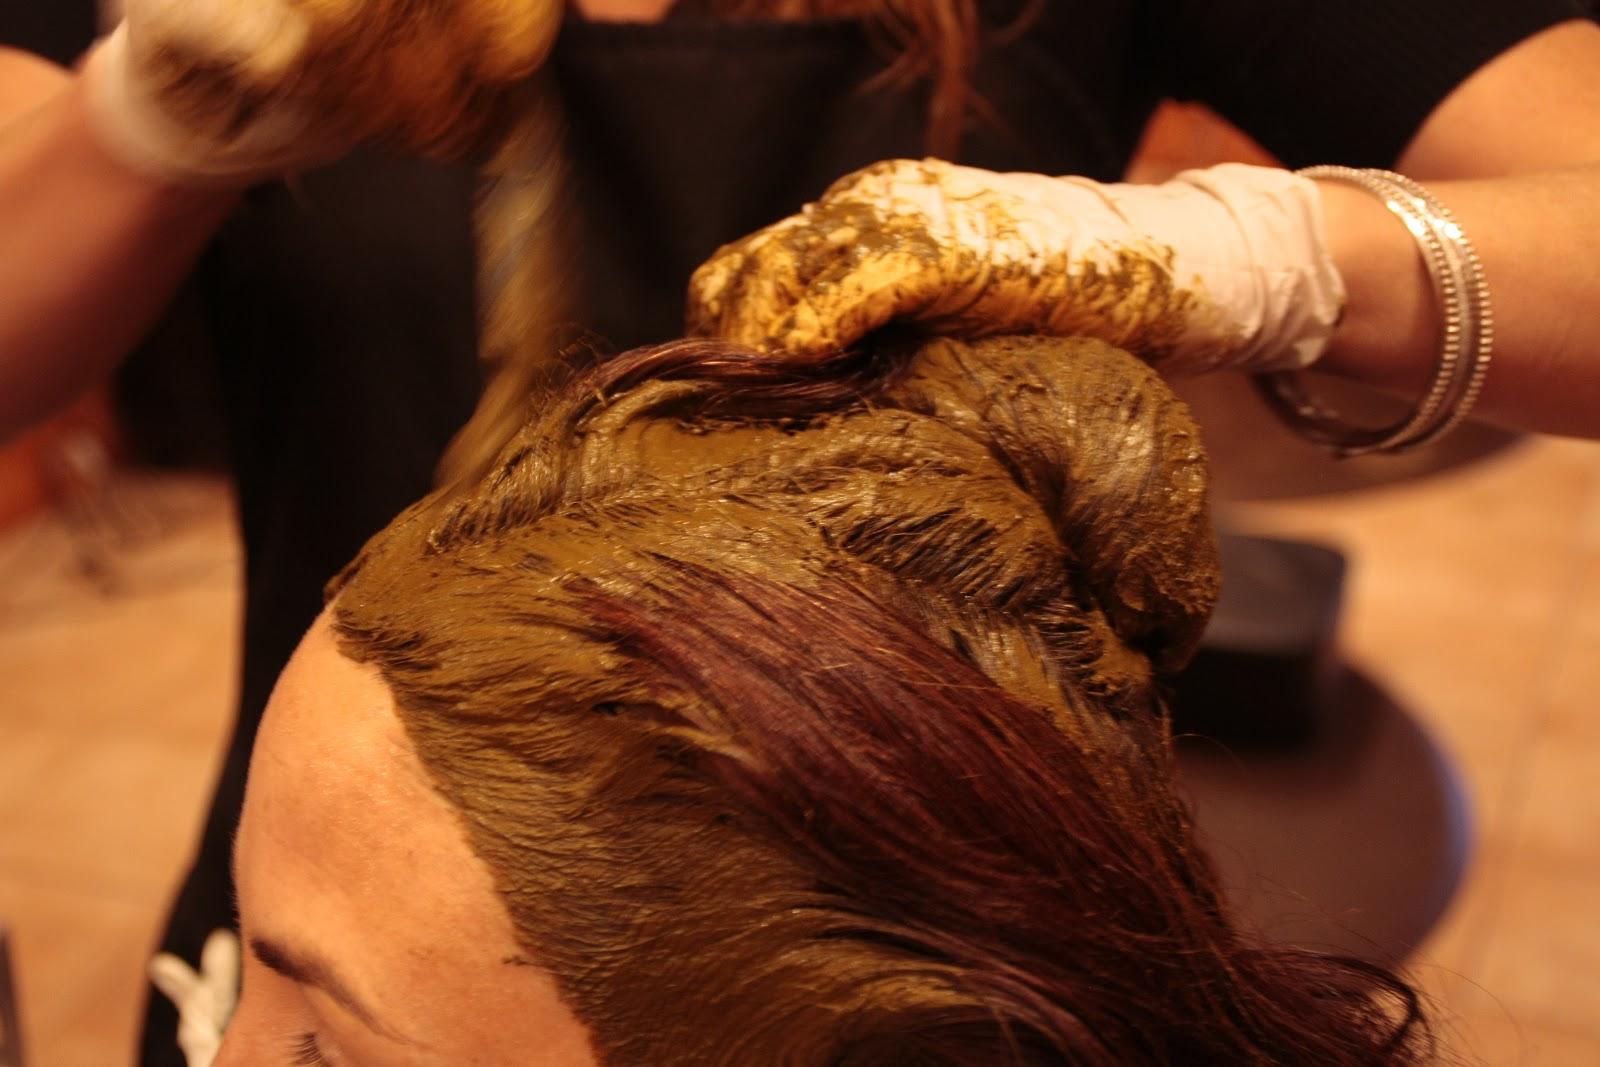 وصفات صودا الخبز لاستعادة لون الشعر الطبيعي